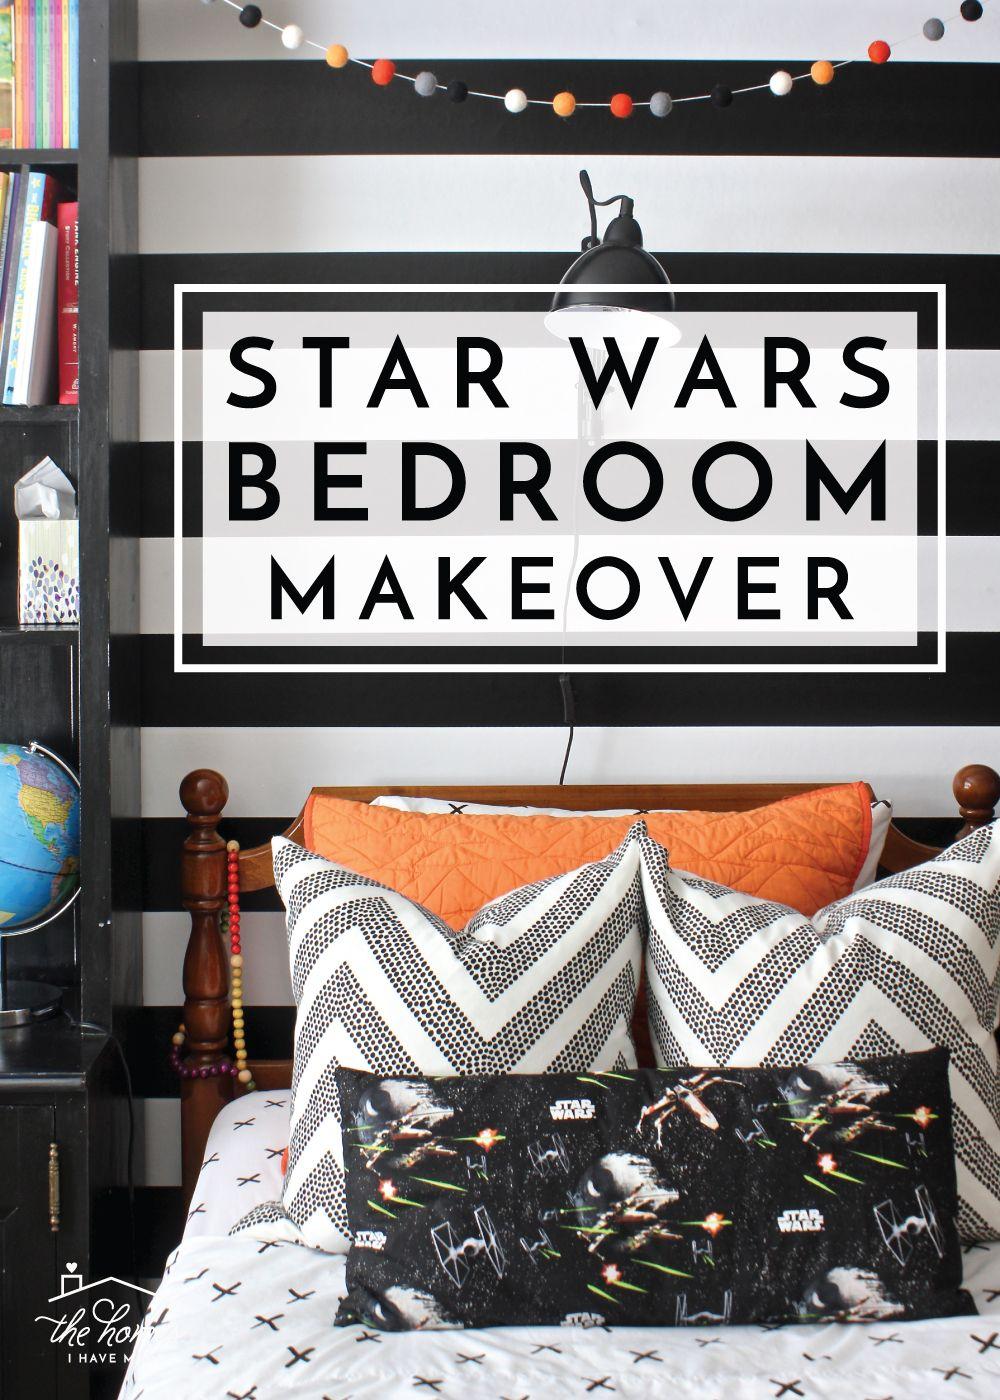 A Star Wars Bedroom Makeover images